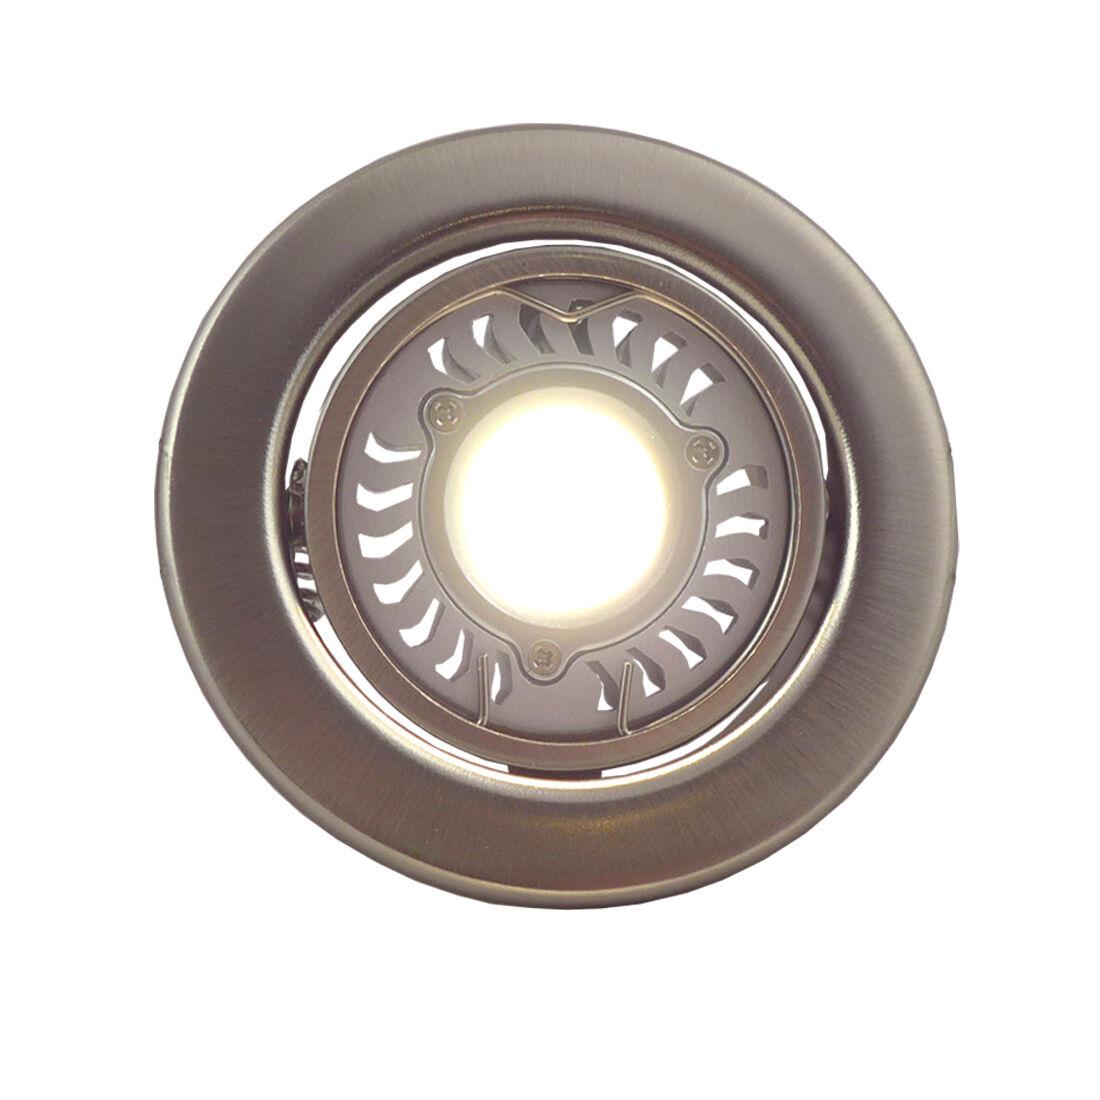 LED Schwenkstrahler Einbaustrahler Rund 3,5W Edelstahl Energieeffizienzklasse A+